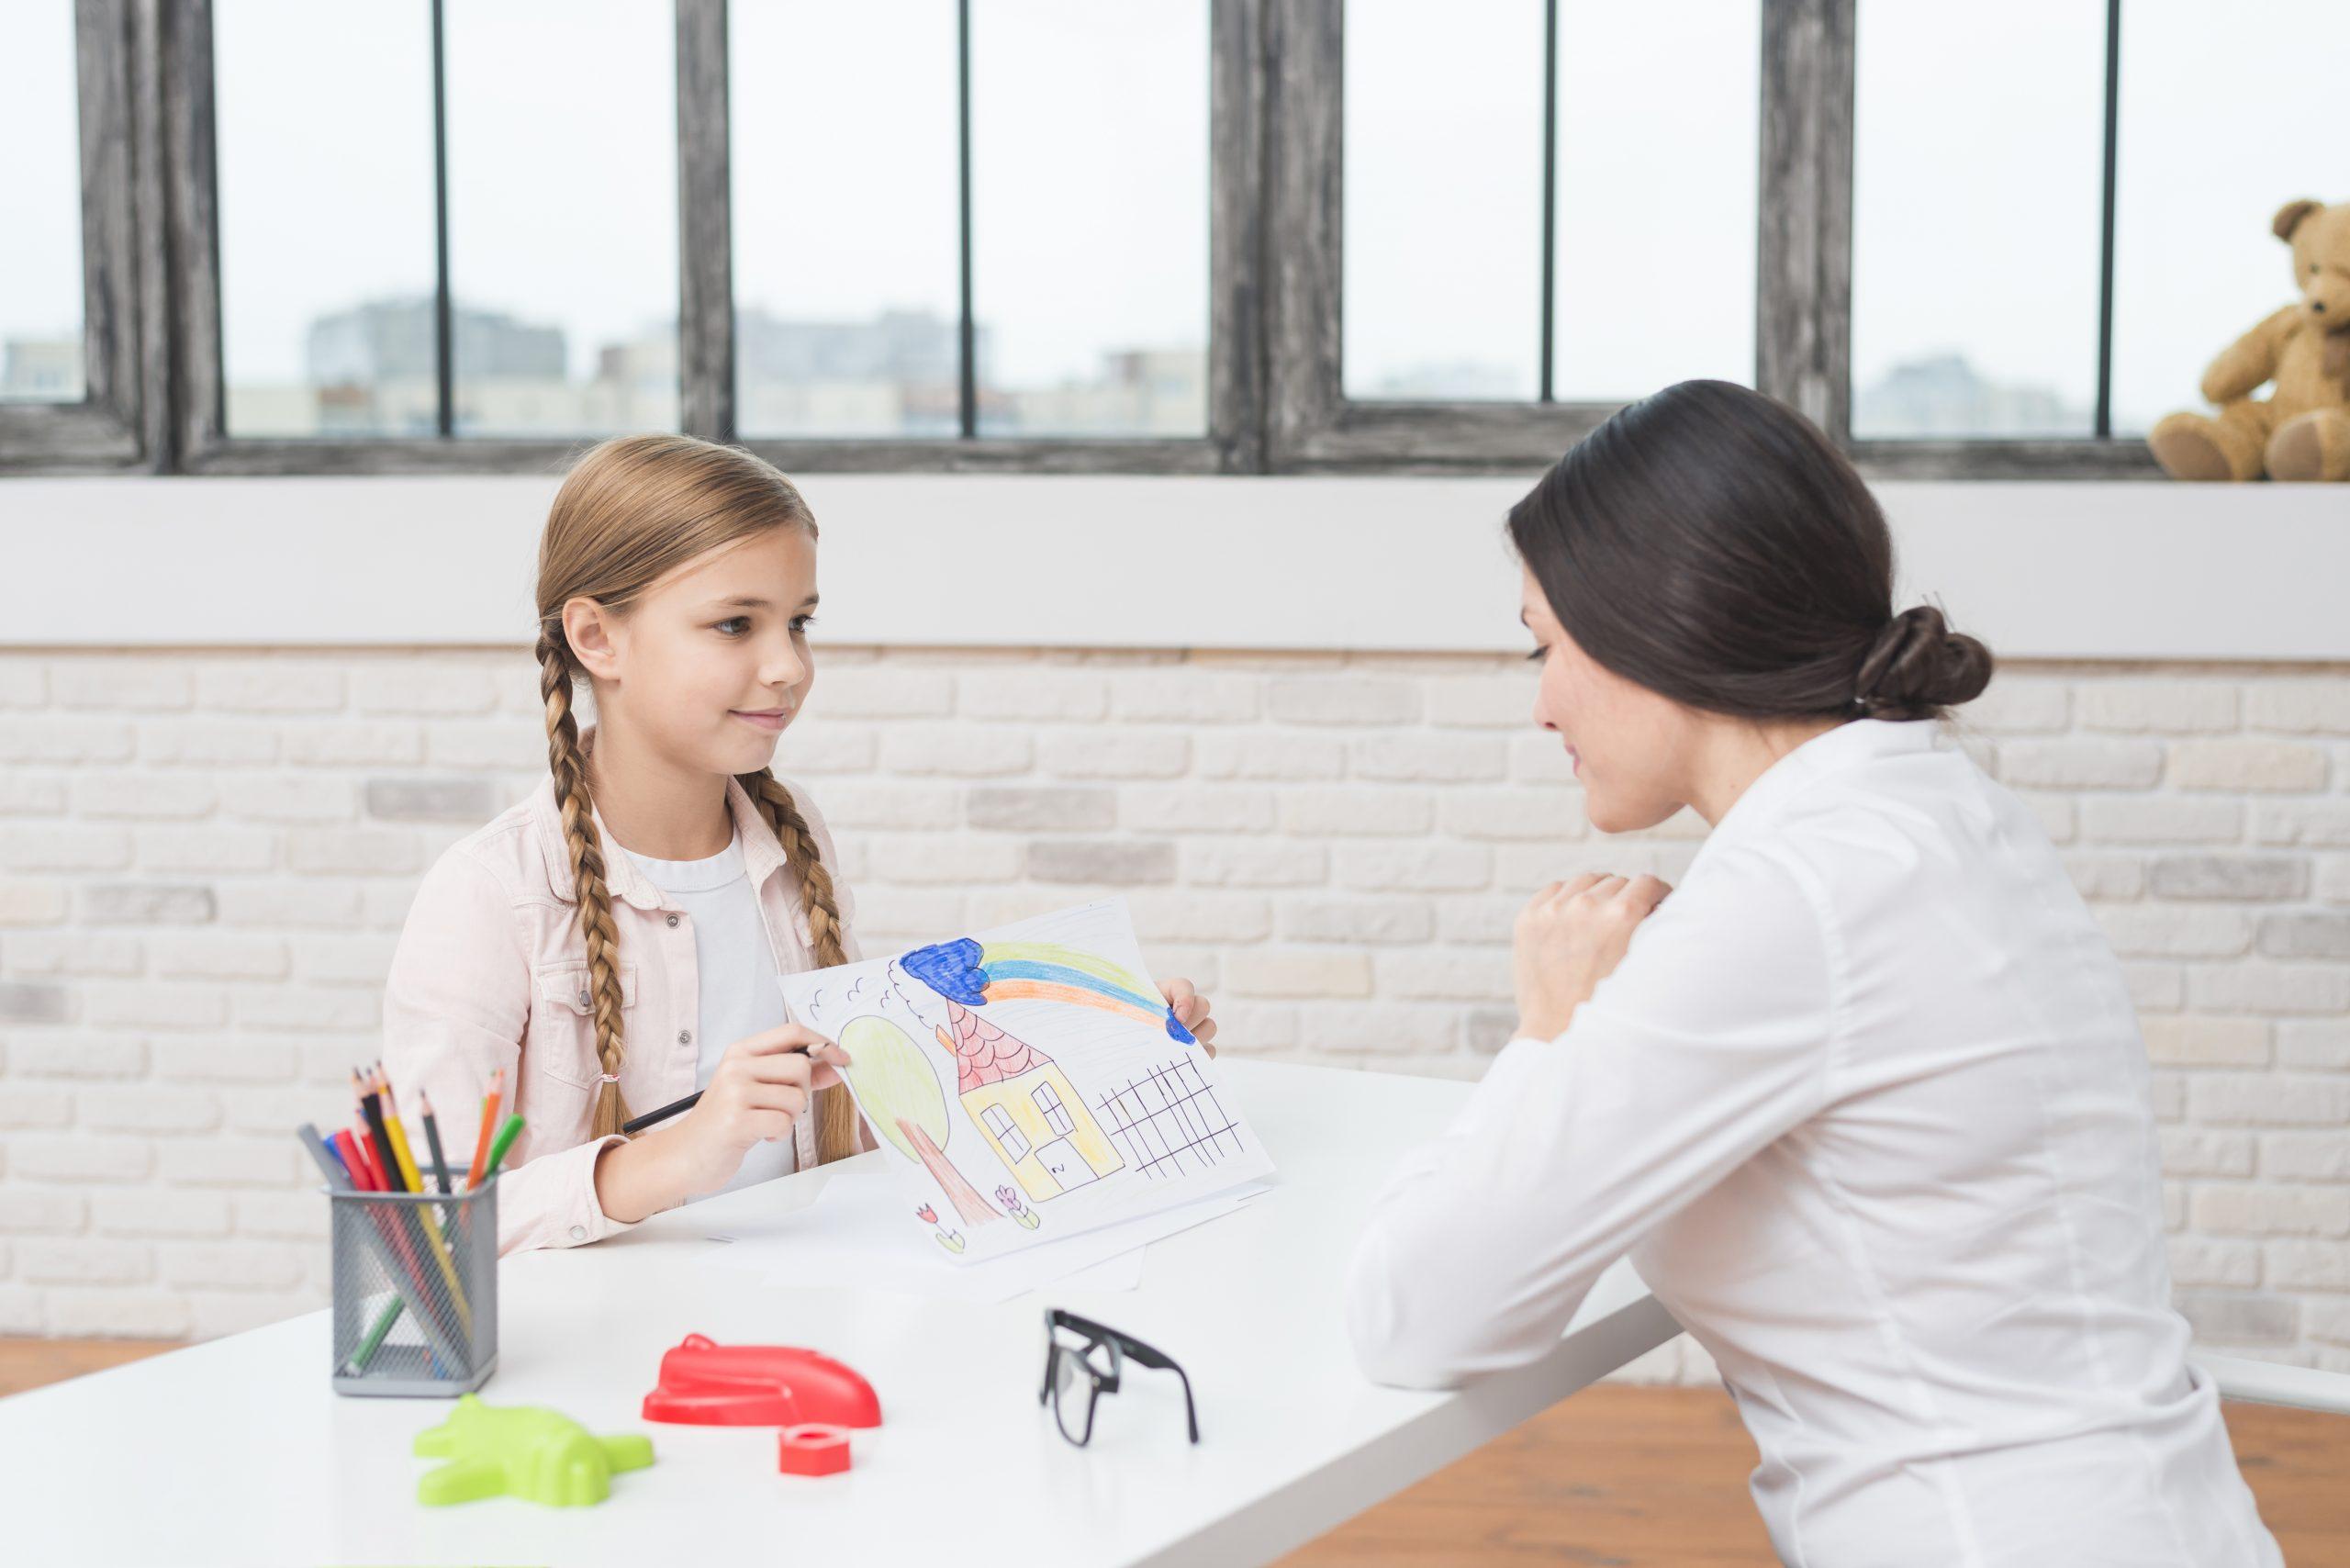 Dziecko pokazujące namalowany domek podczas terapii